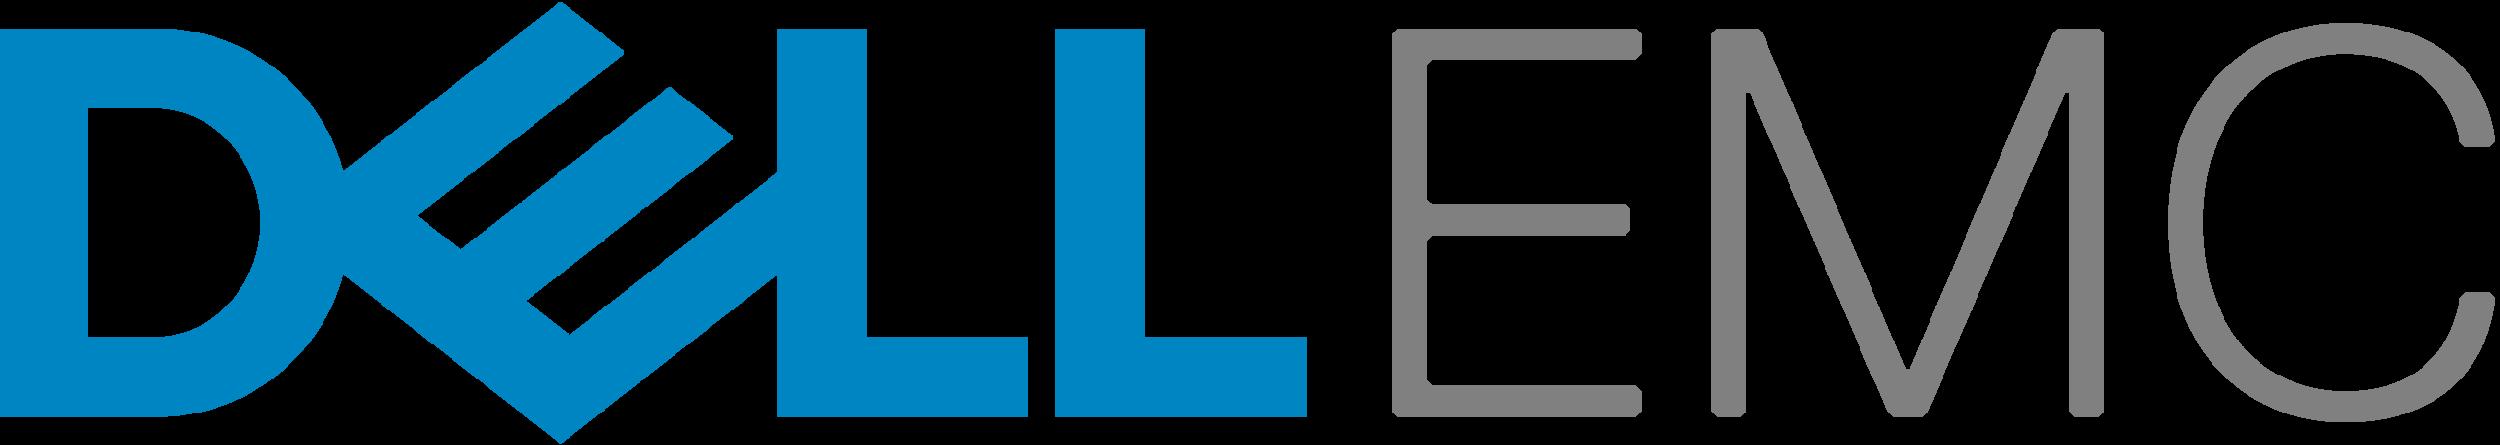 DellEMC copy 2.png